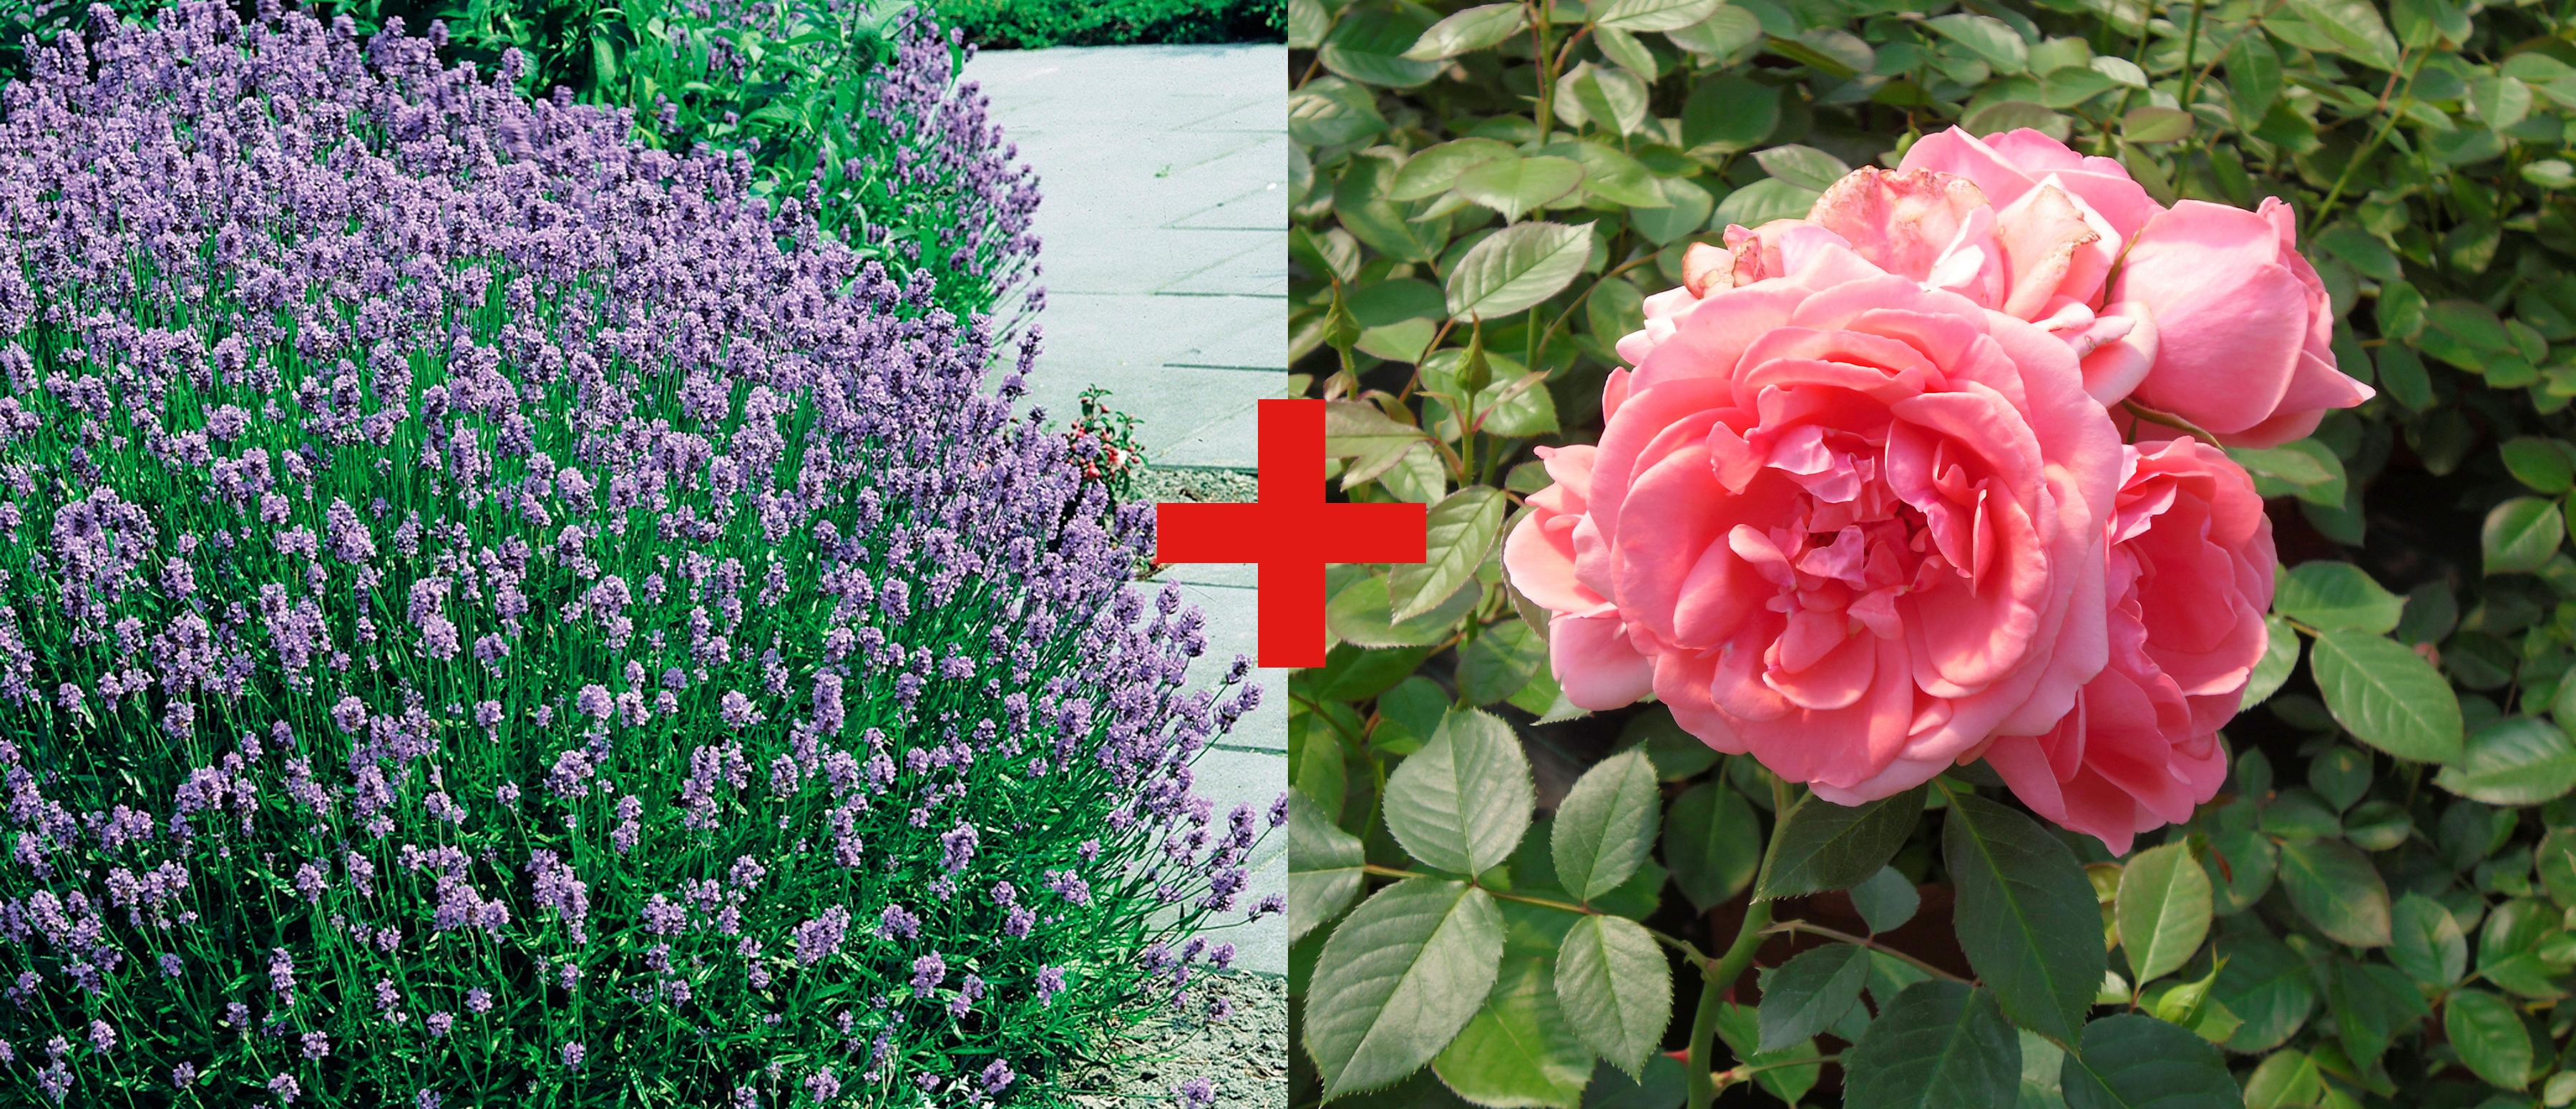 BCM Beetpflanze Rose Kimono & Lavendel lila Beetpflanzen Pflanzen Garten Balkon